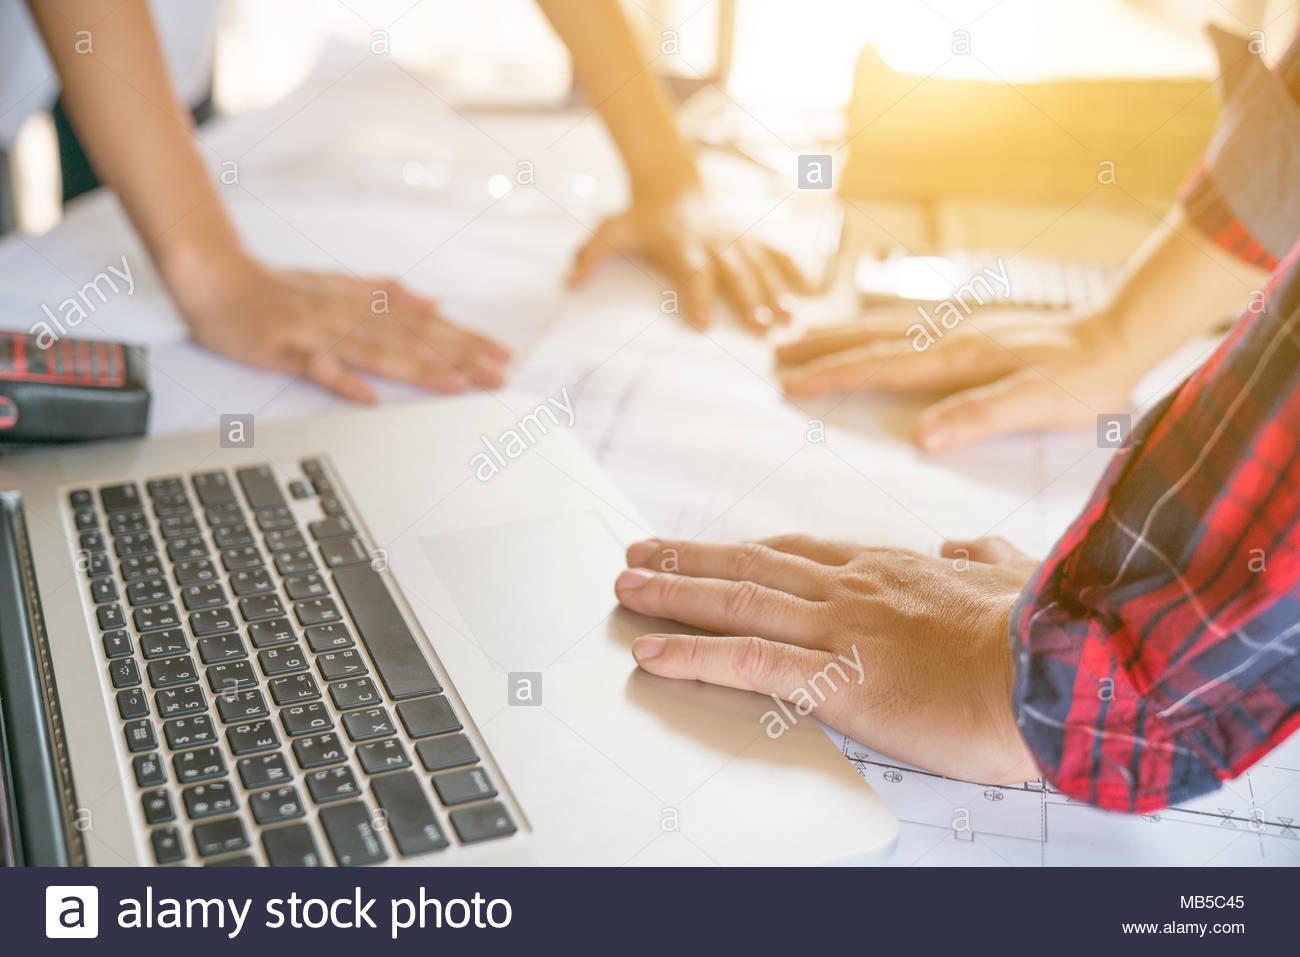 Ingenieur Leute arbeiten und zeigen auf einen Zeichnungen im Büro für die Diskussion. Engineering Tools und Konstruktion Konzept. Stockbild